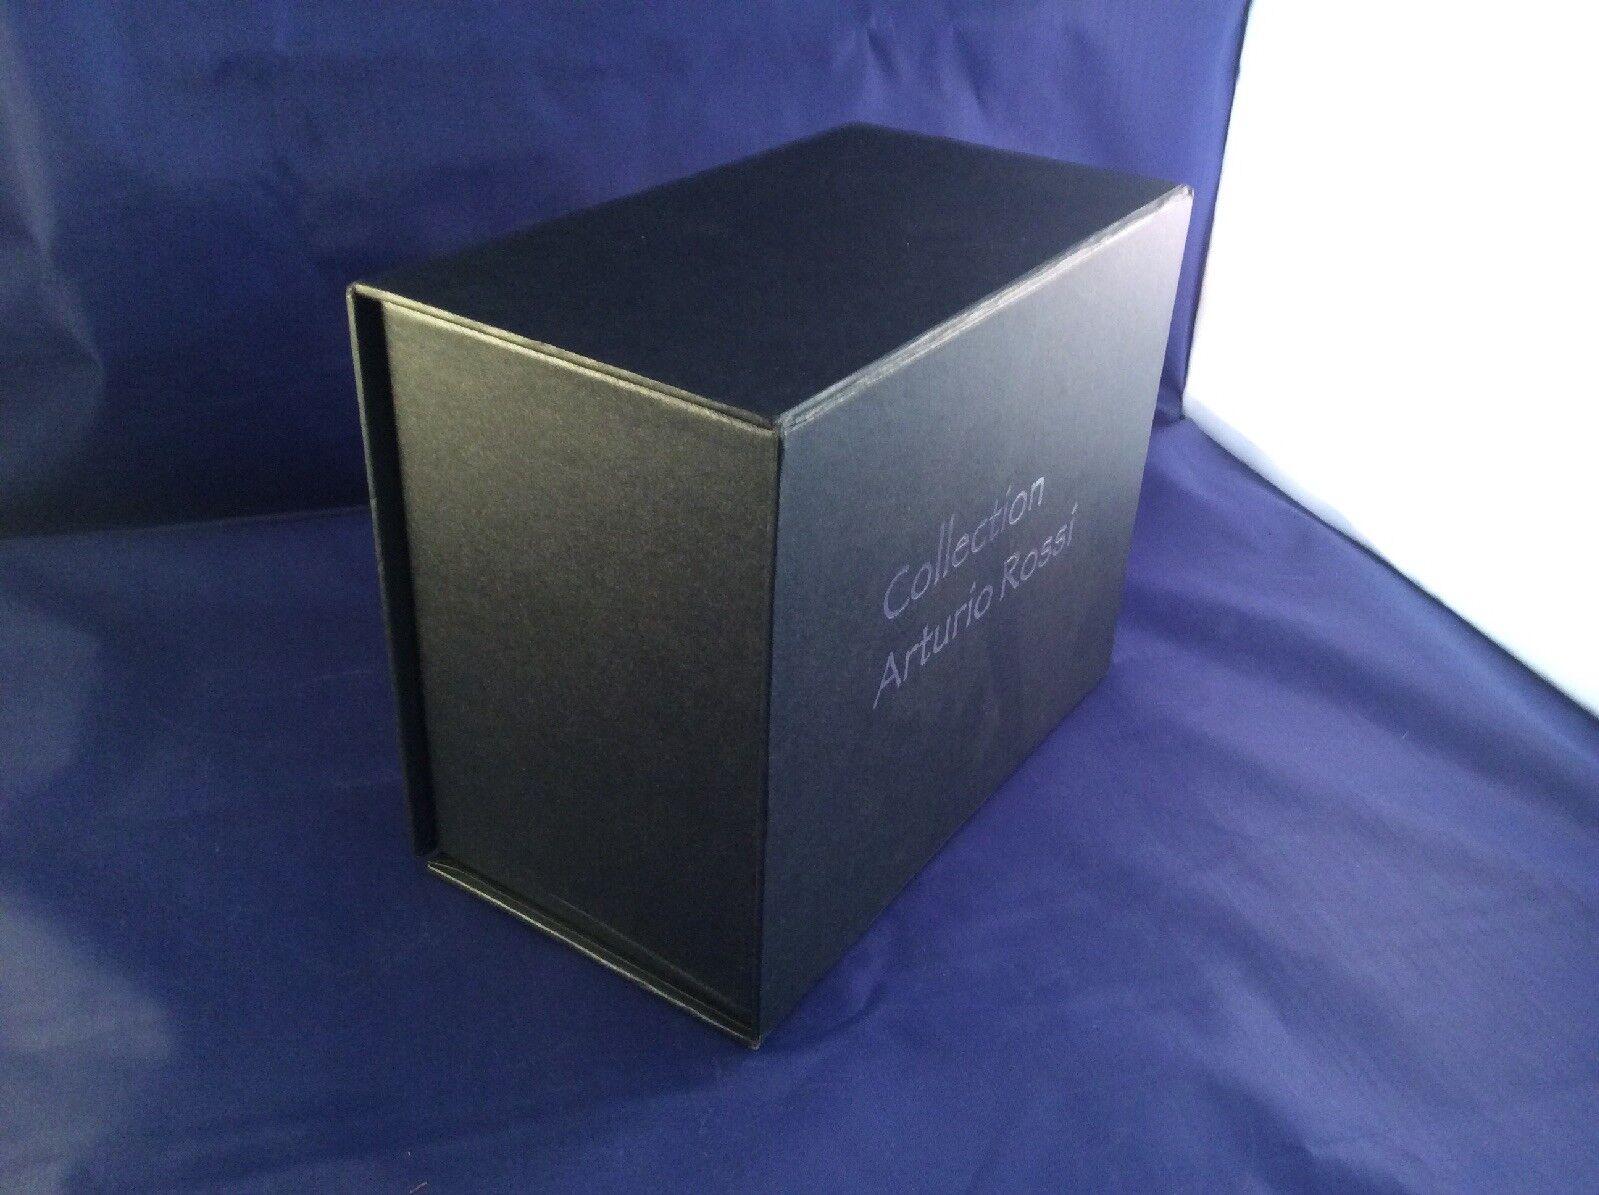 Eule 9 cm wetterfest hochglänzend Collection Arturio Rossi 40730